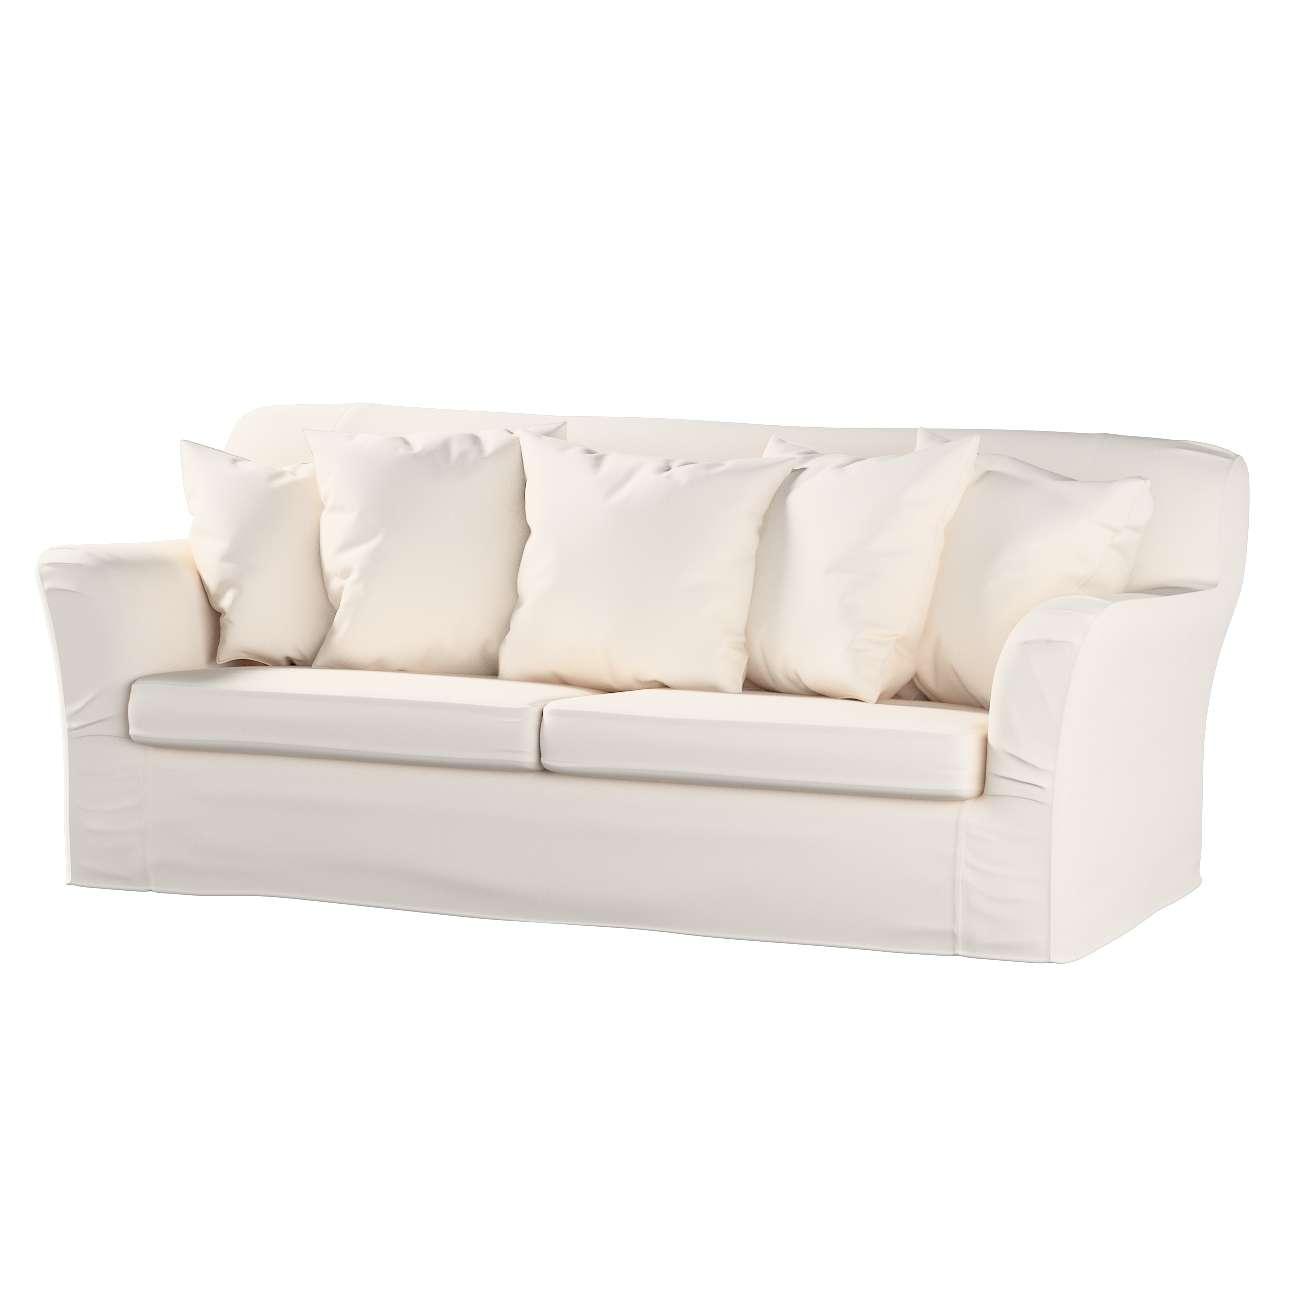 TOMELILLA trivietės sofos lovos užvalkalas TOMELILLA trivietė sofa lova kolekcijoje Etna , audinys: 705-01